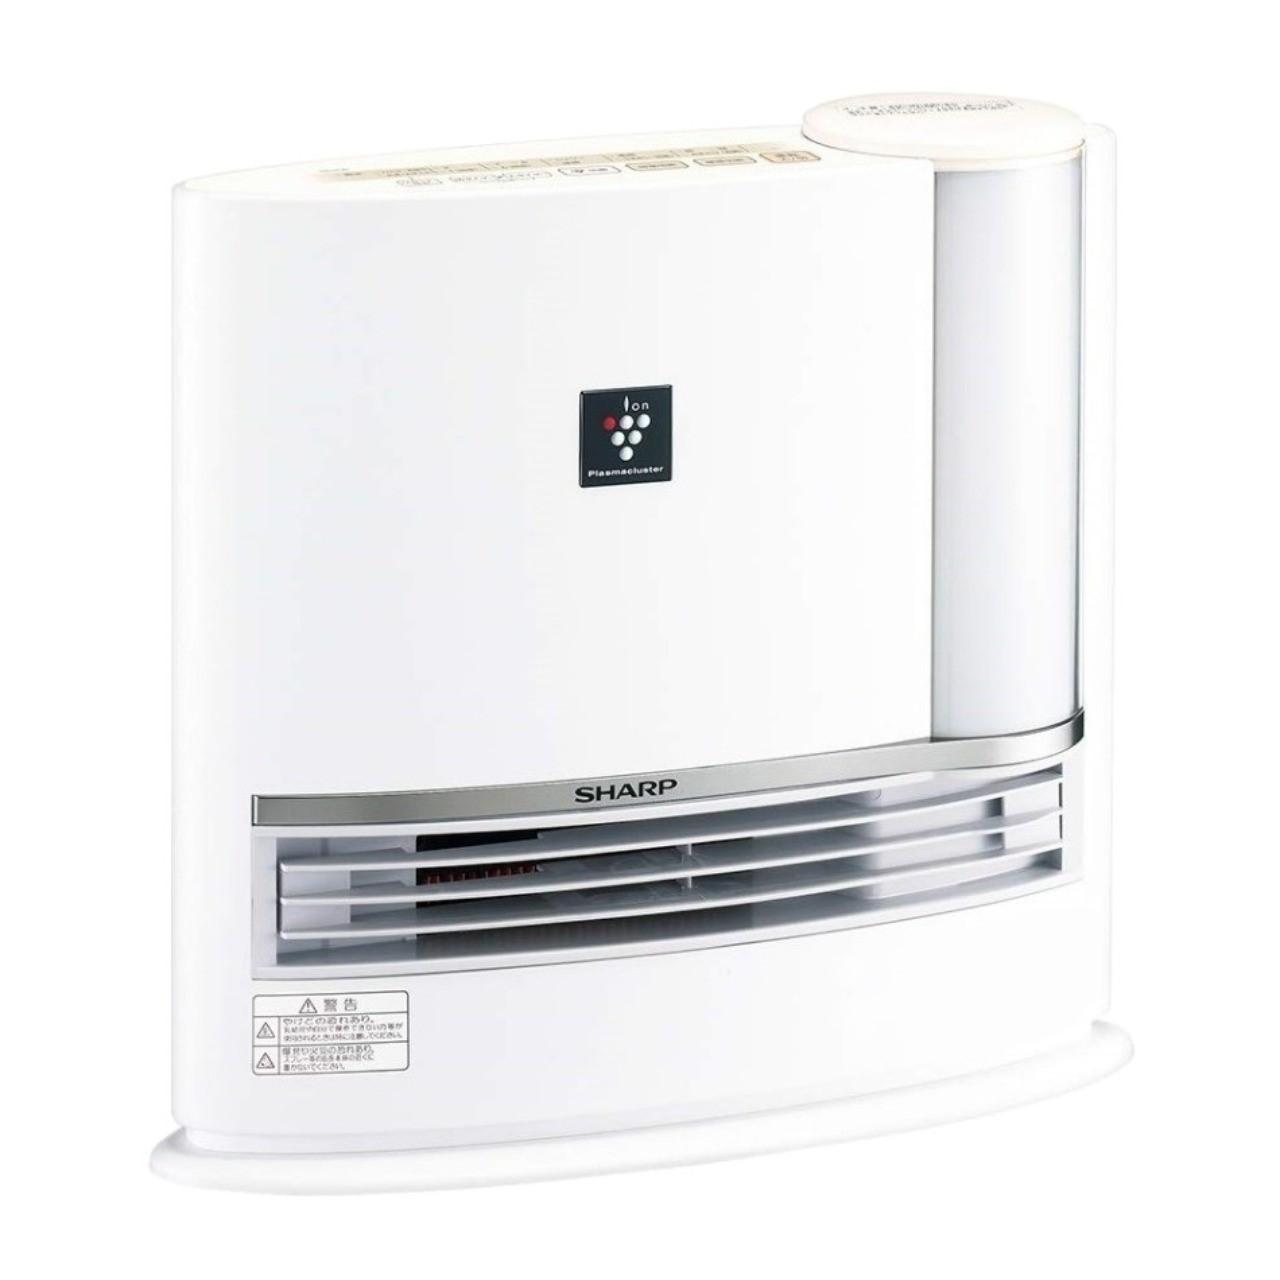 シャープHX-H120加湿セラミックファンヒーター